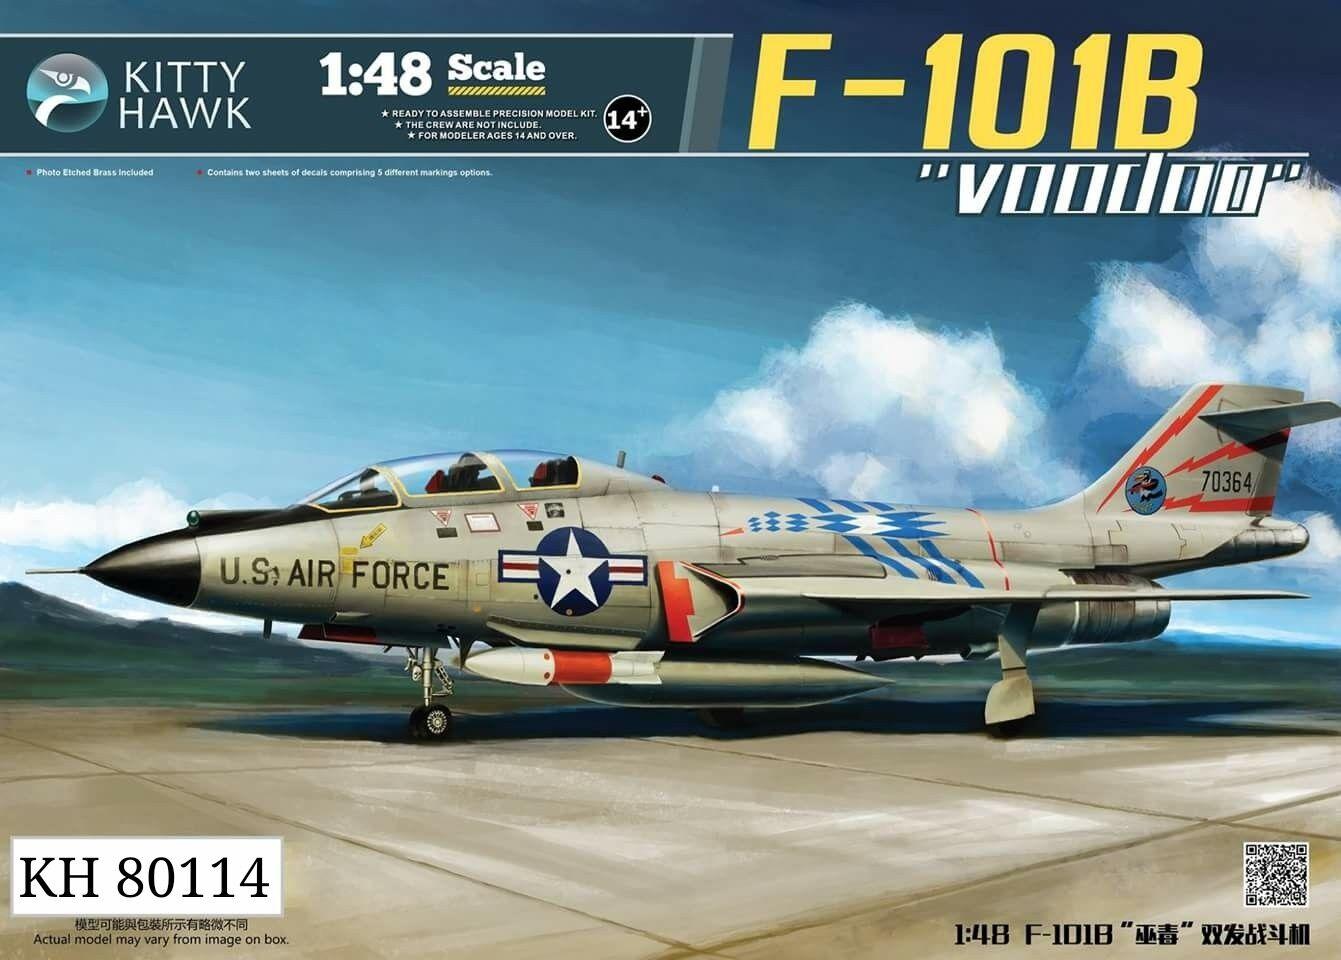 Kitty Hawk 1 48 McDonnell F-101B  VooDoo